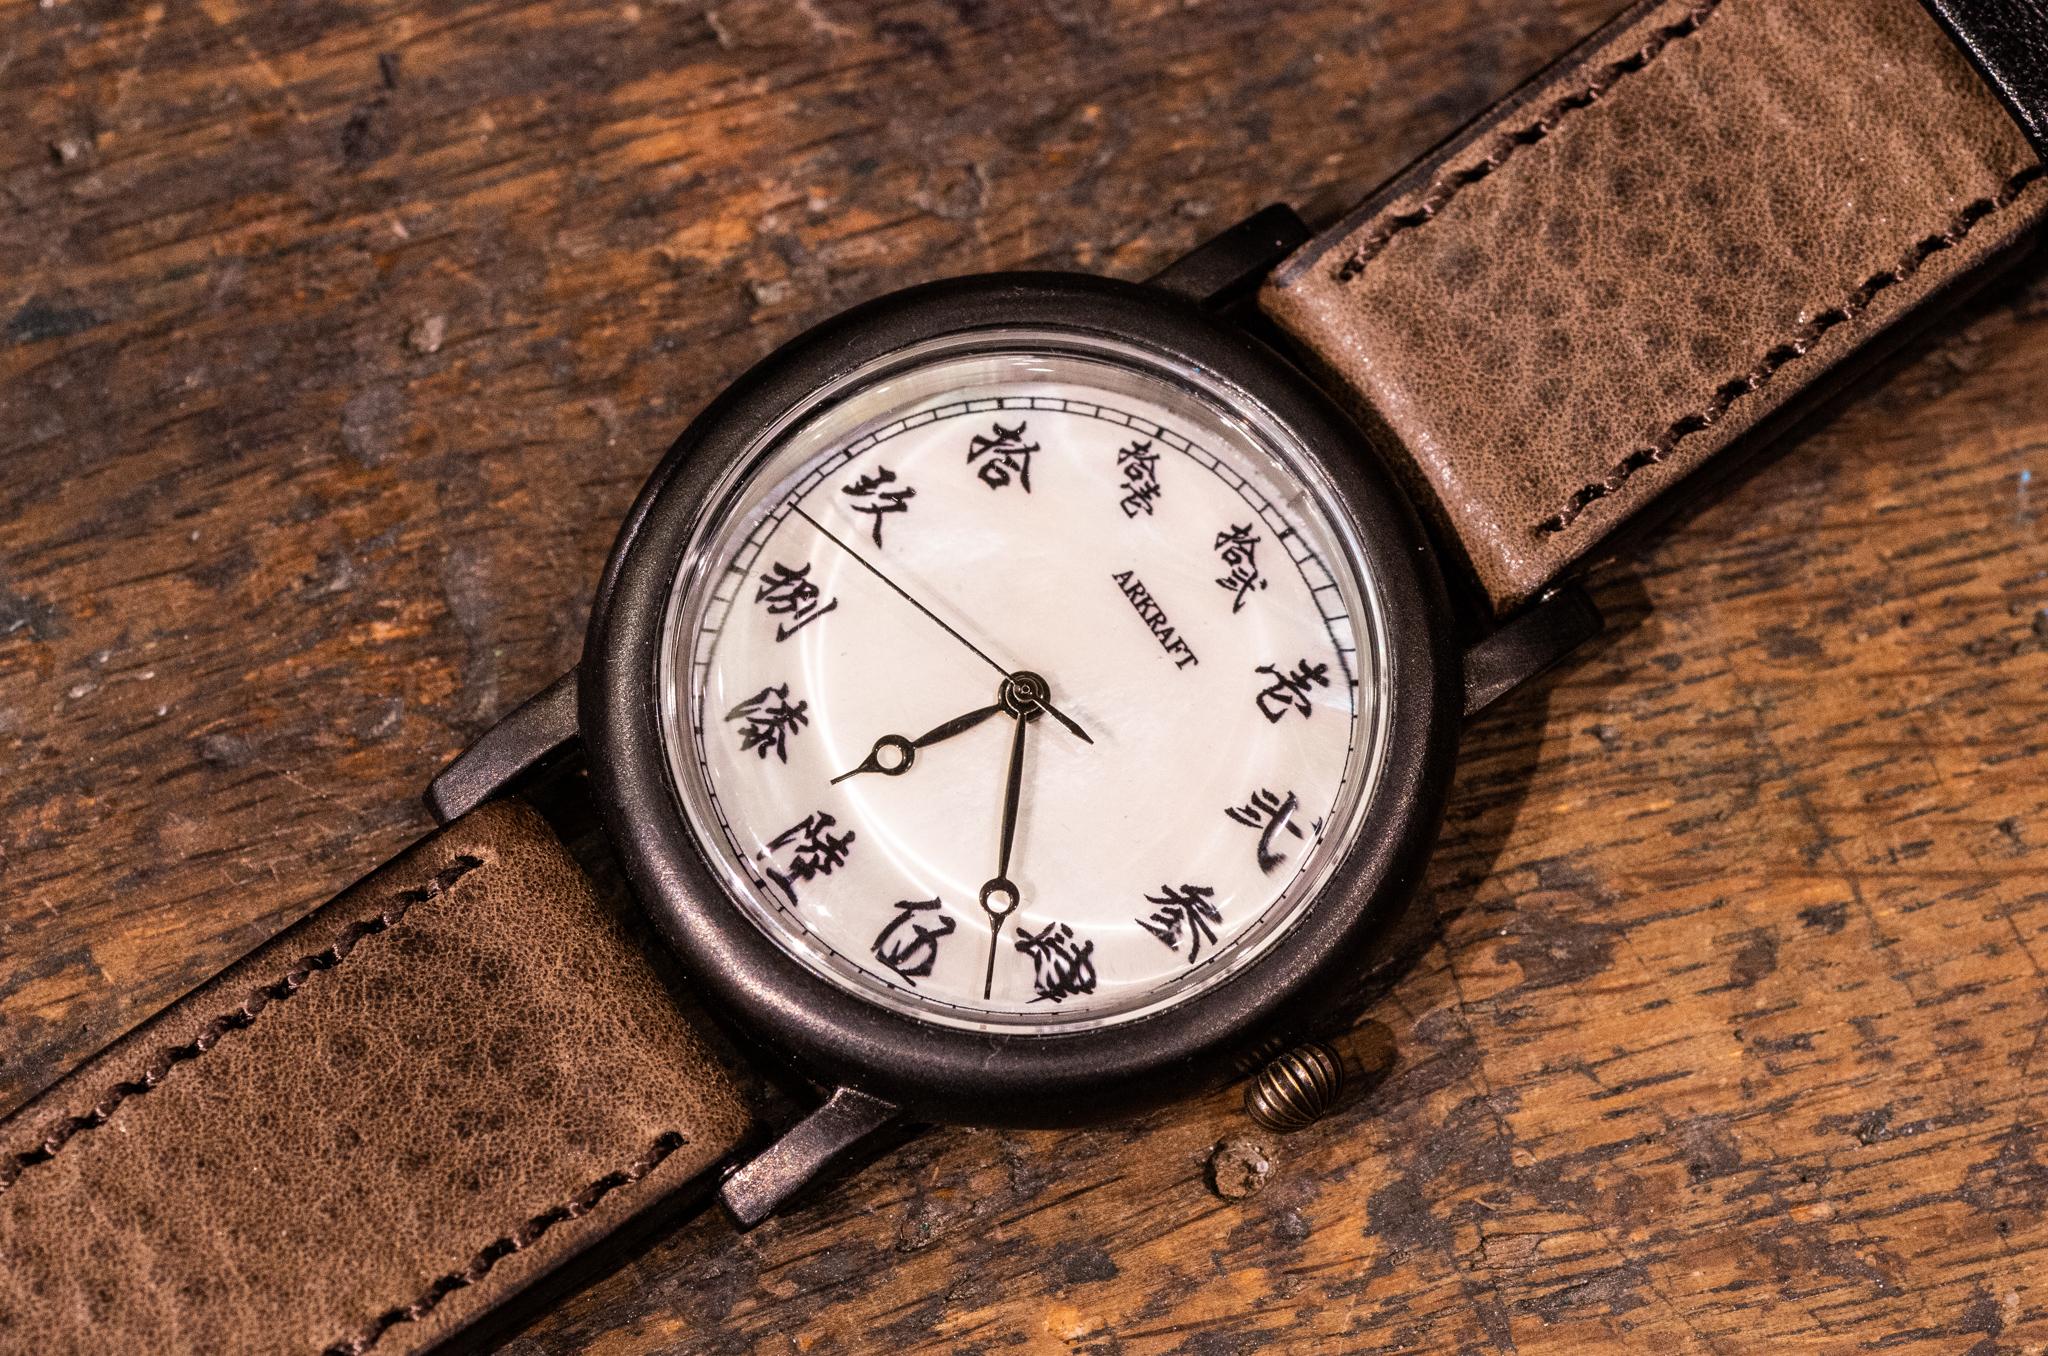 漢数字と白蝶貝の文字盤が存在感のある大きめの腕時計(Ren Large/在庫品)